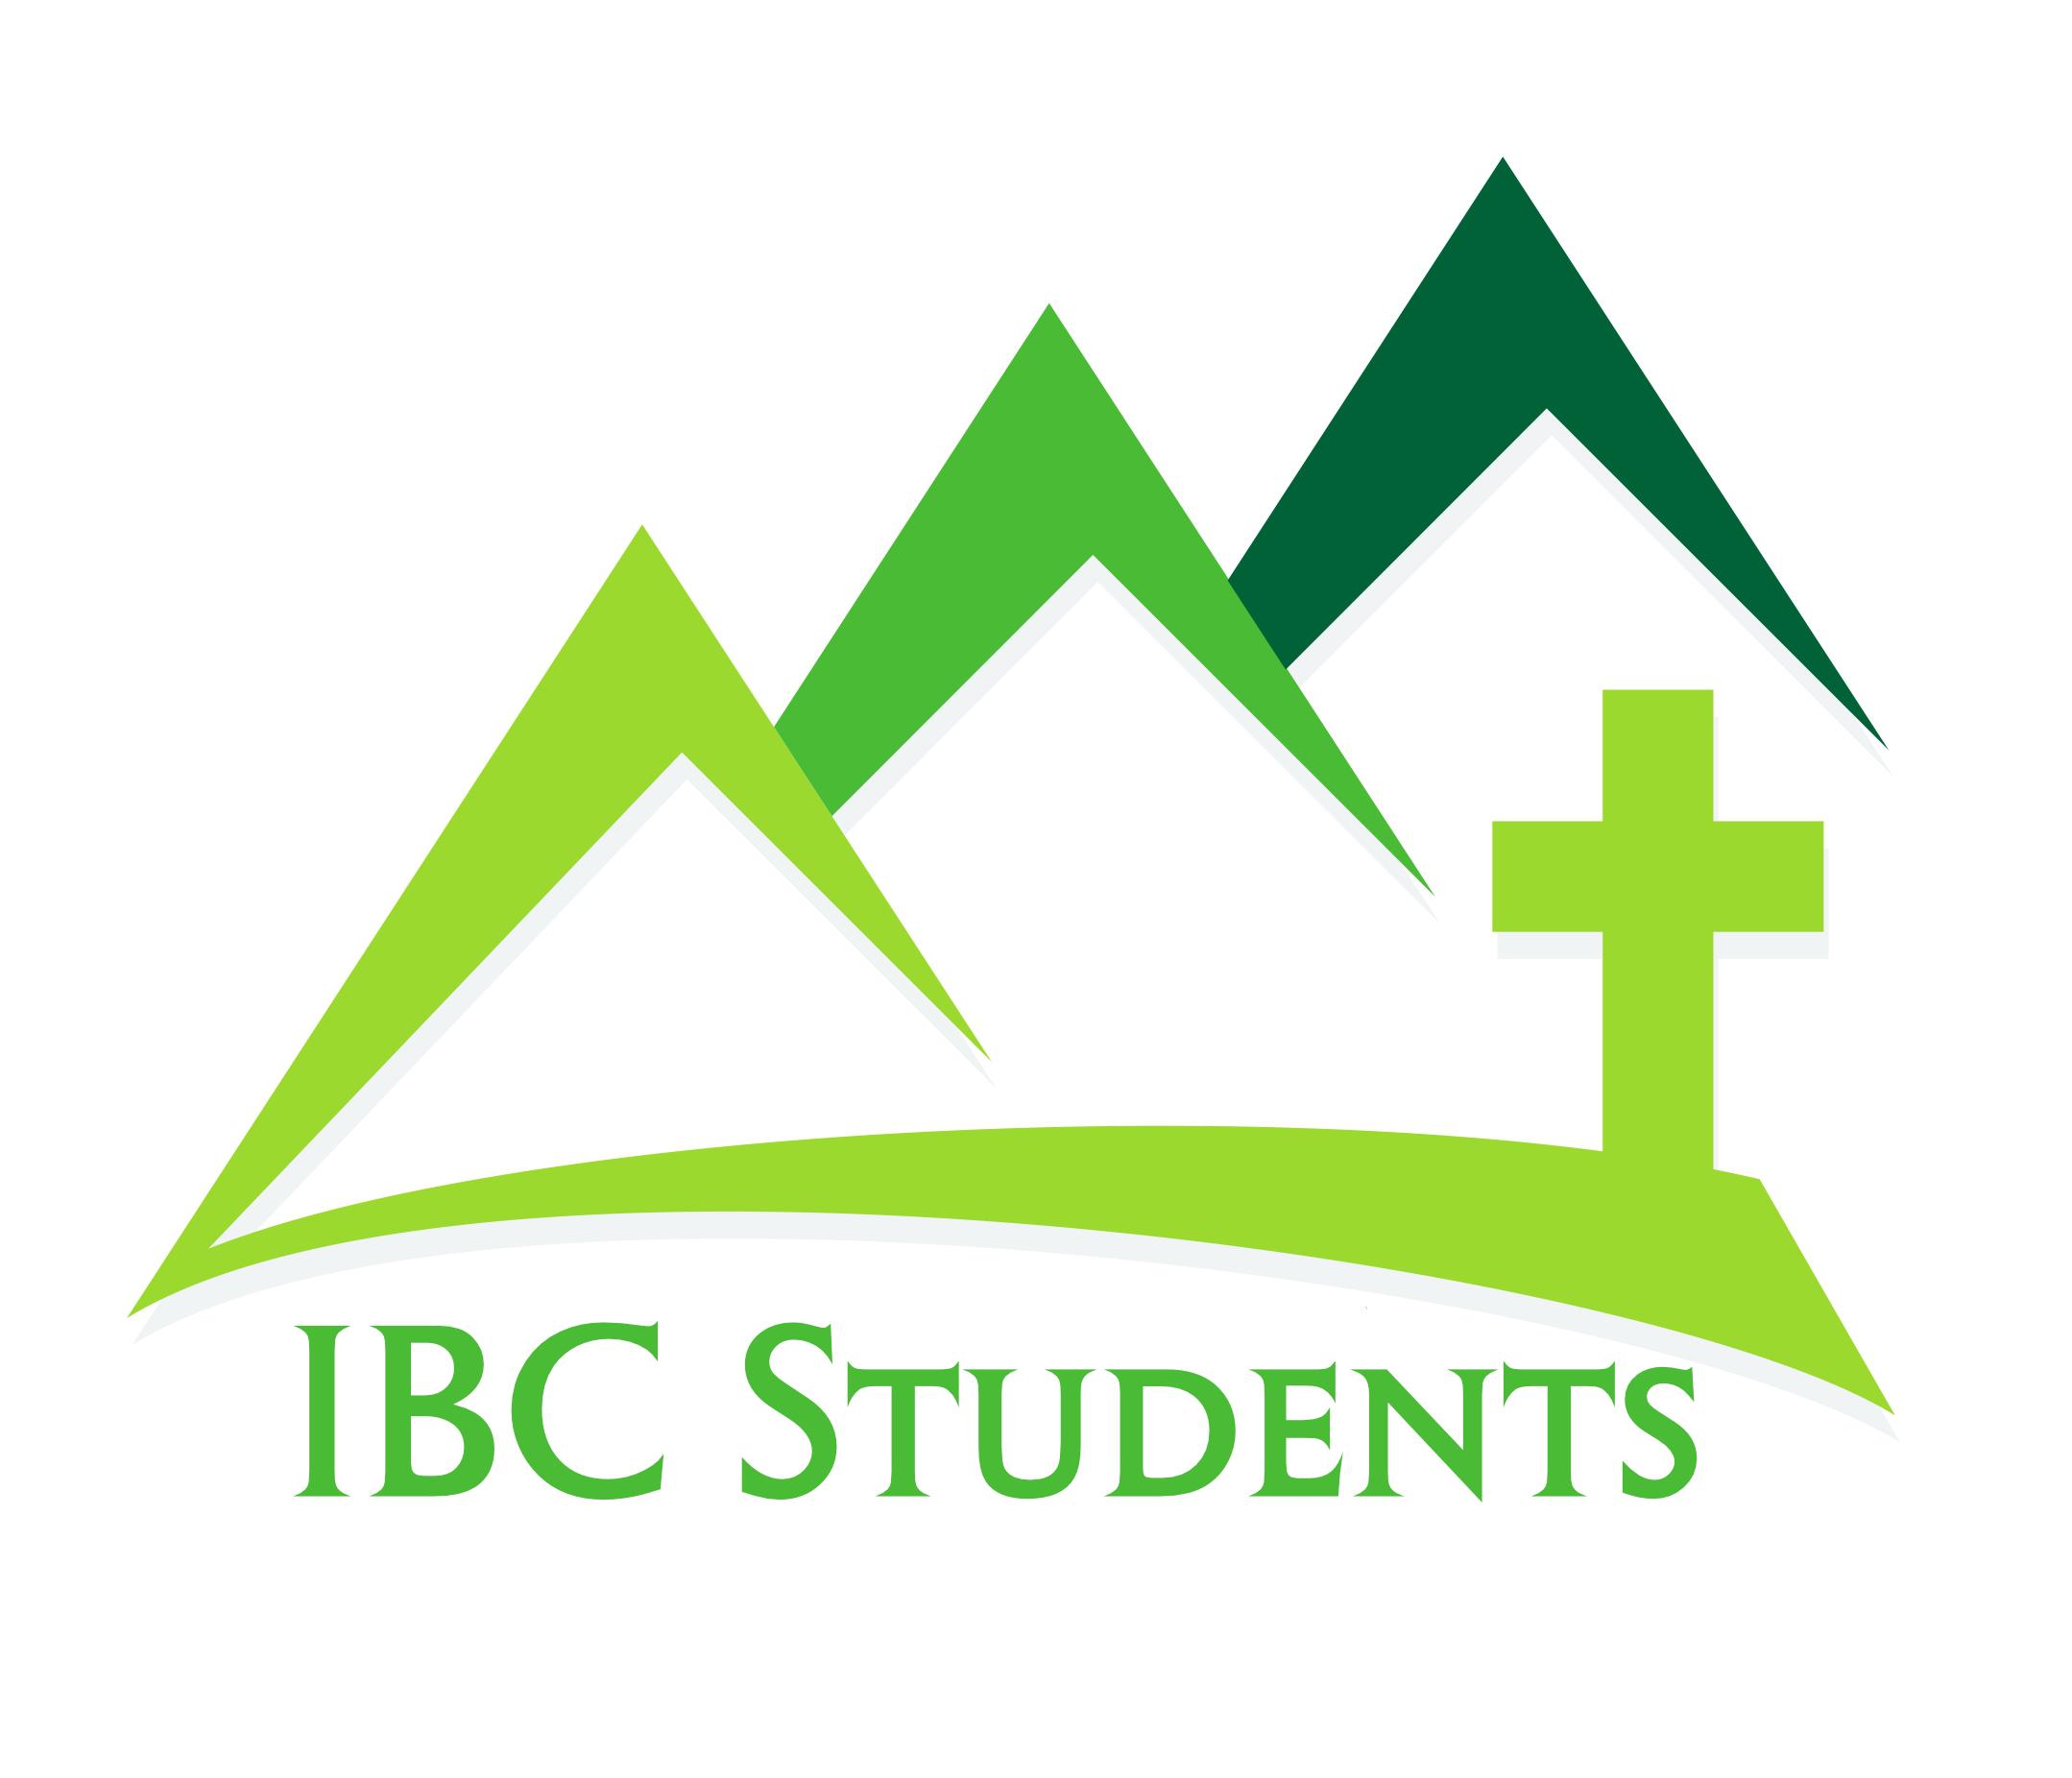 Ibc students